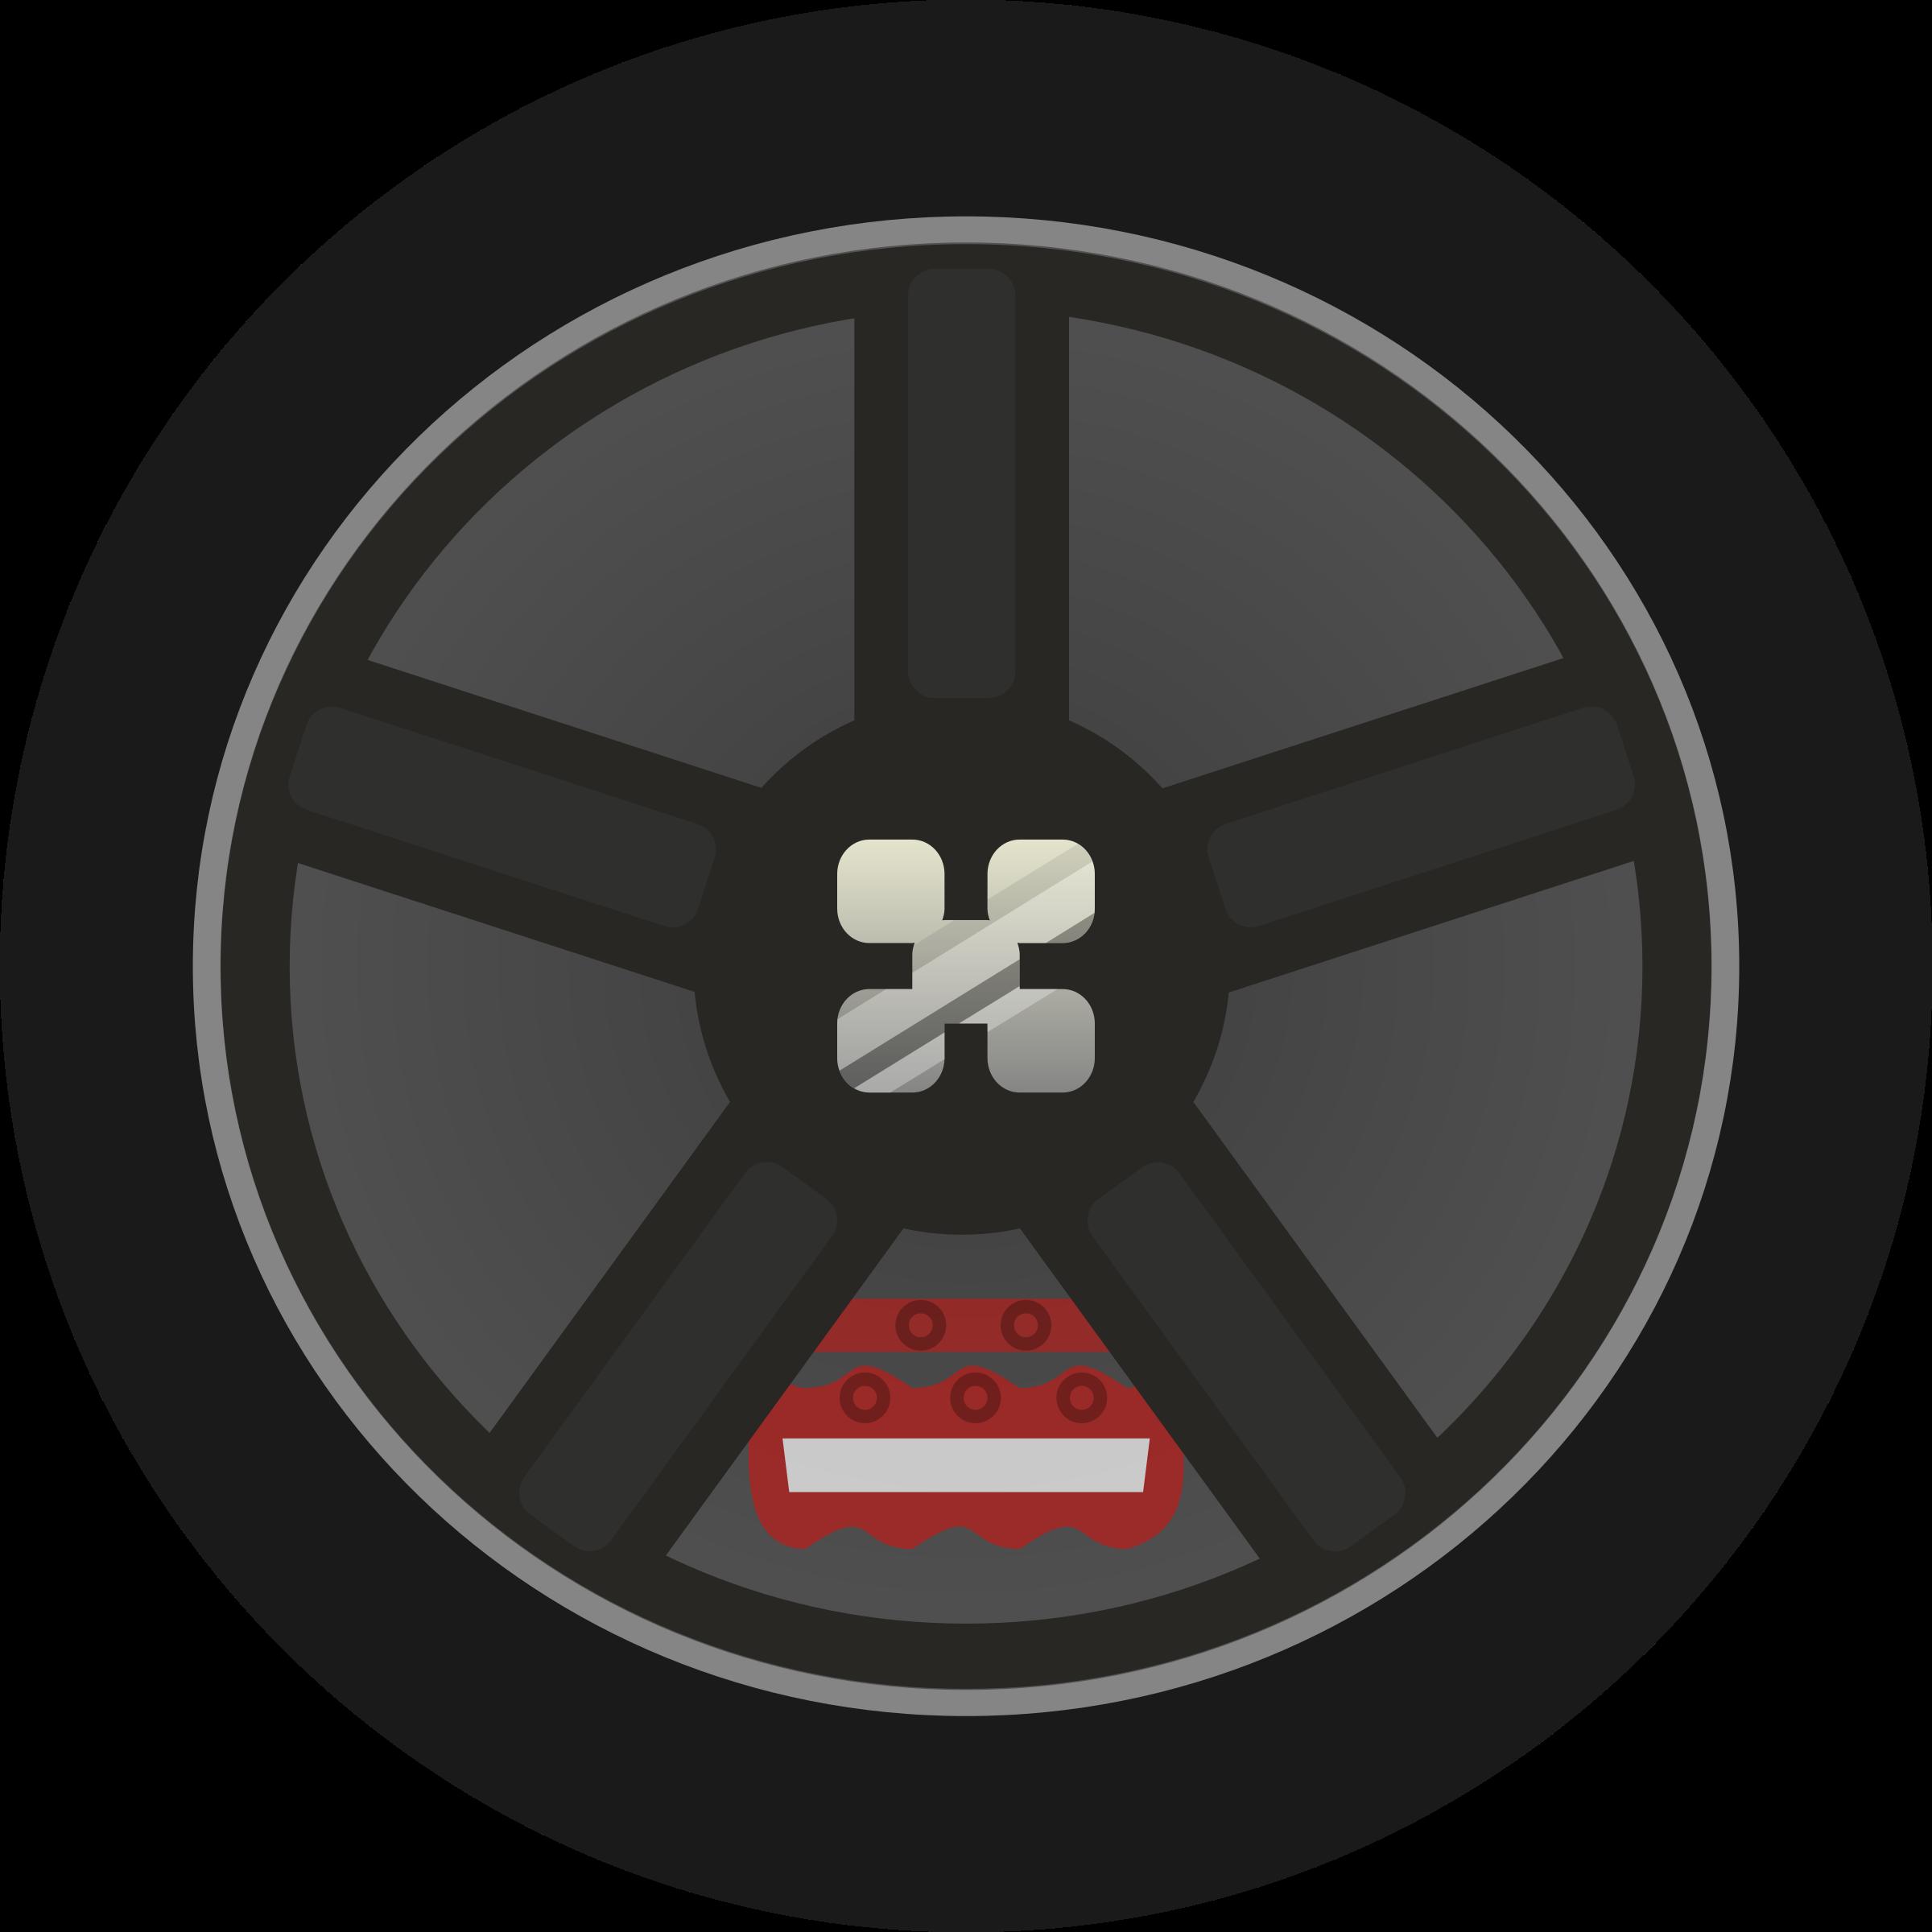 Clipart cars circle. Dark simple car wheel